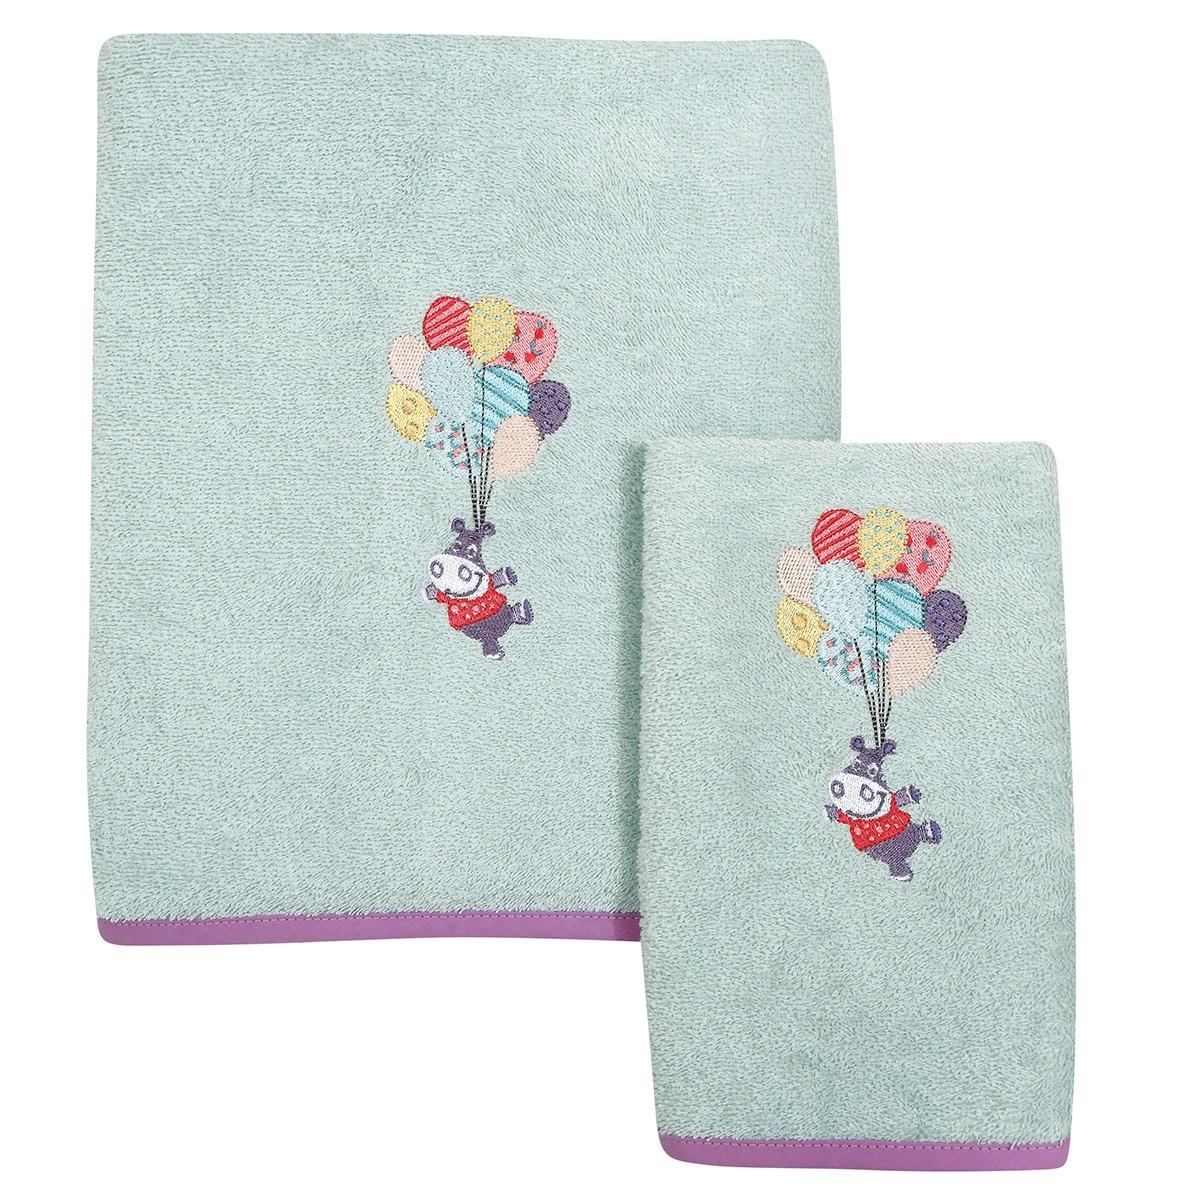 Βρεφικές Πετσέτες (Σετ 2τμχ) Das Home Smile 6457